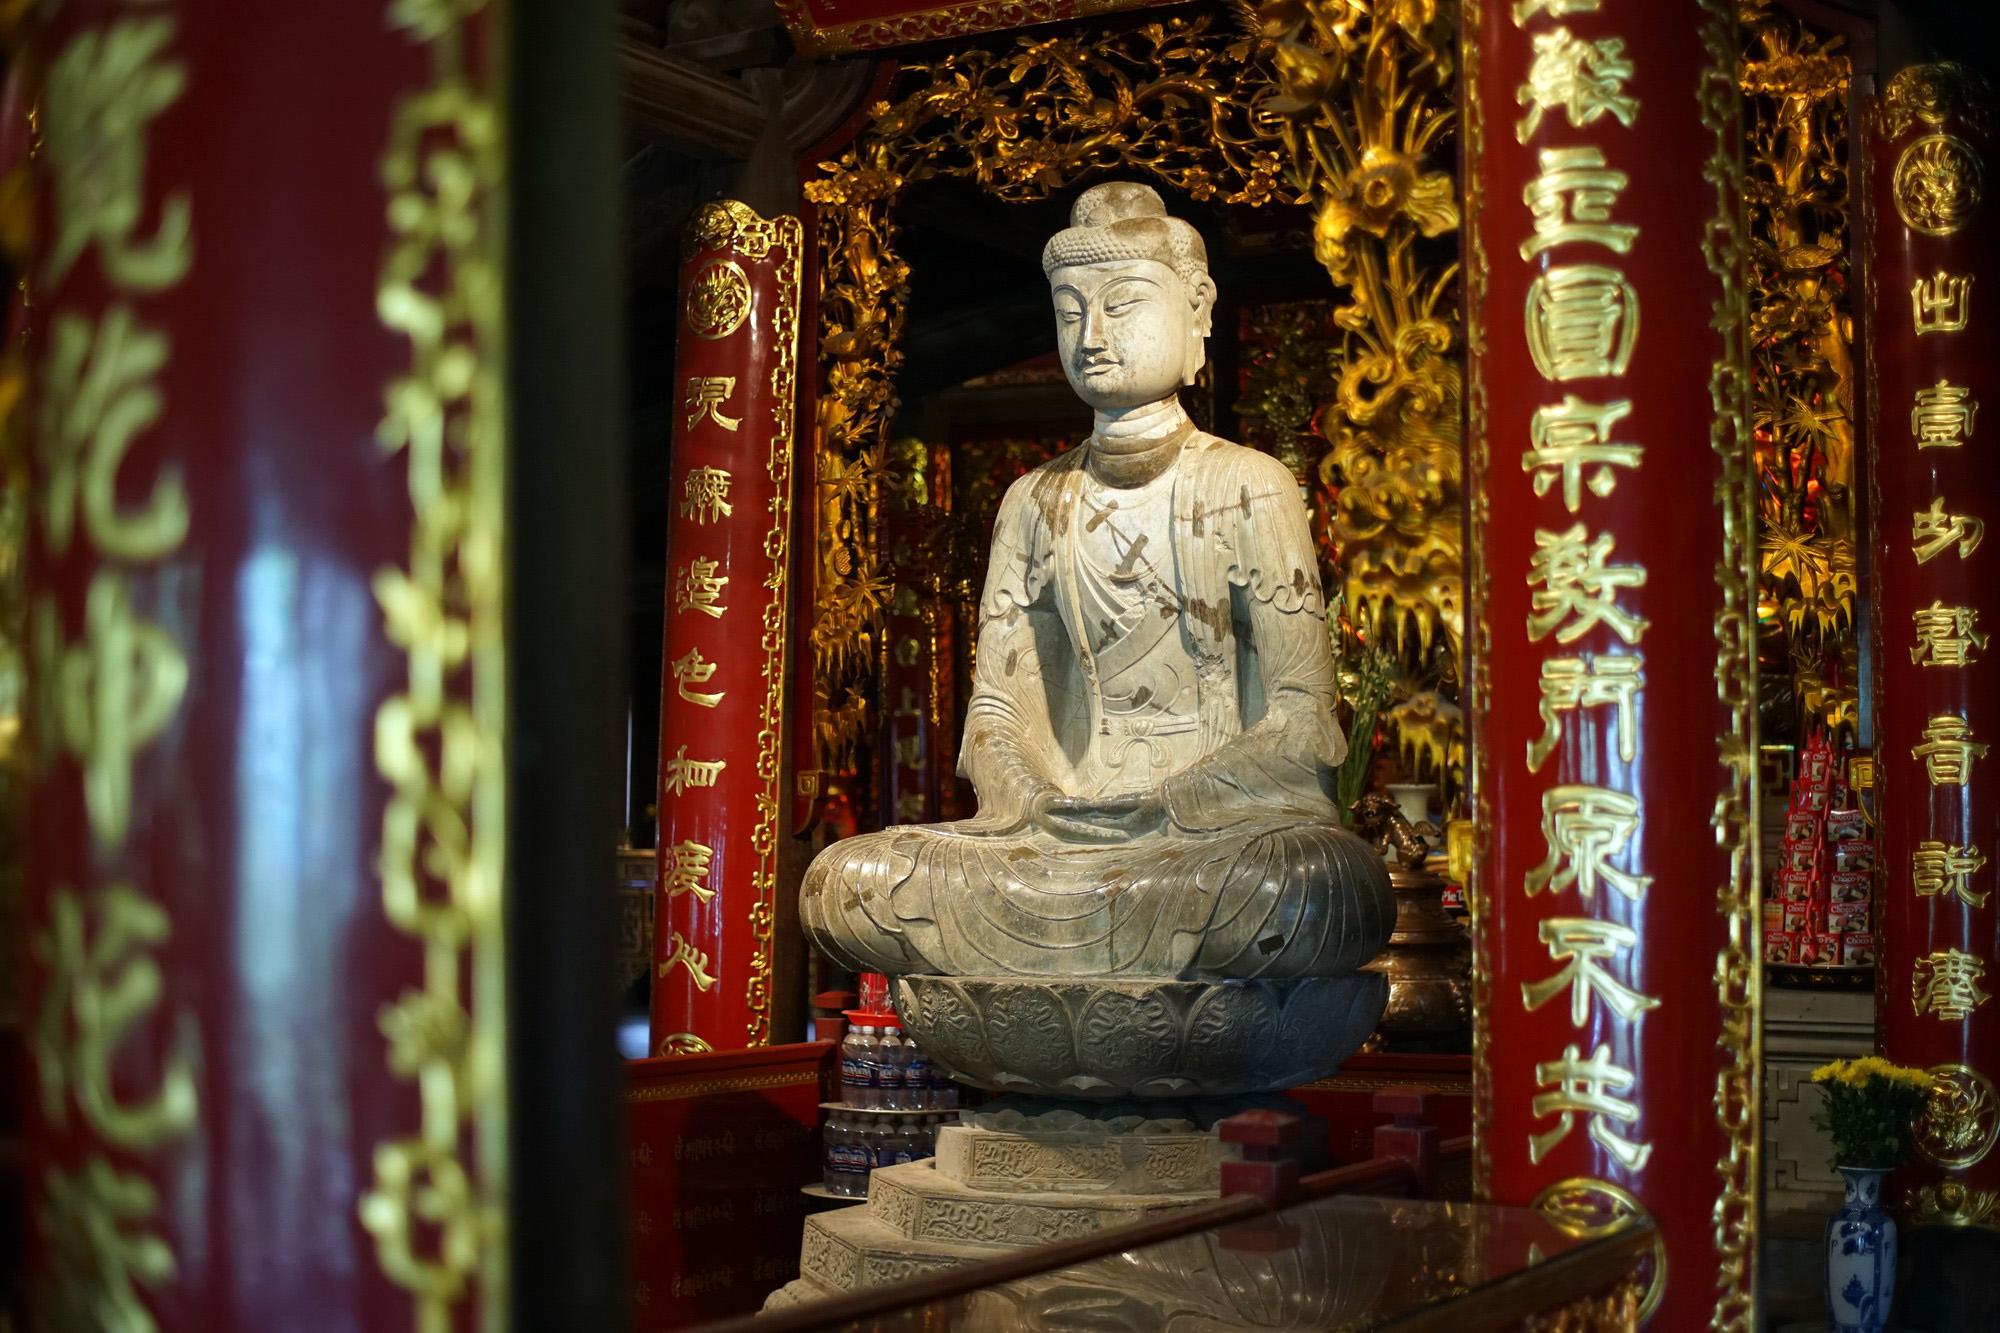 Phật giáo Việt Nam cần làm gì để thoát khỏi ảnh hưởng của Phật giáo Trung Quốc?